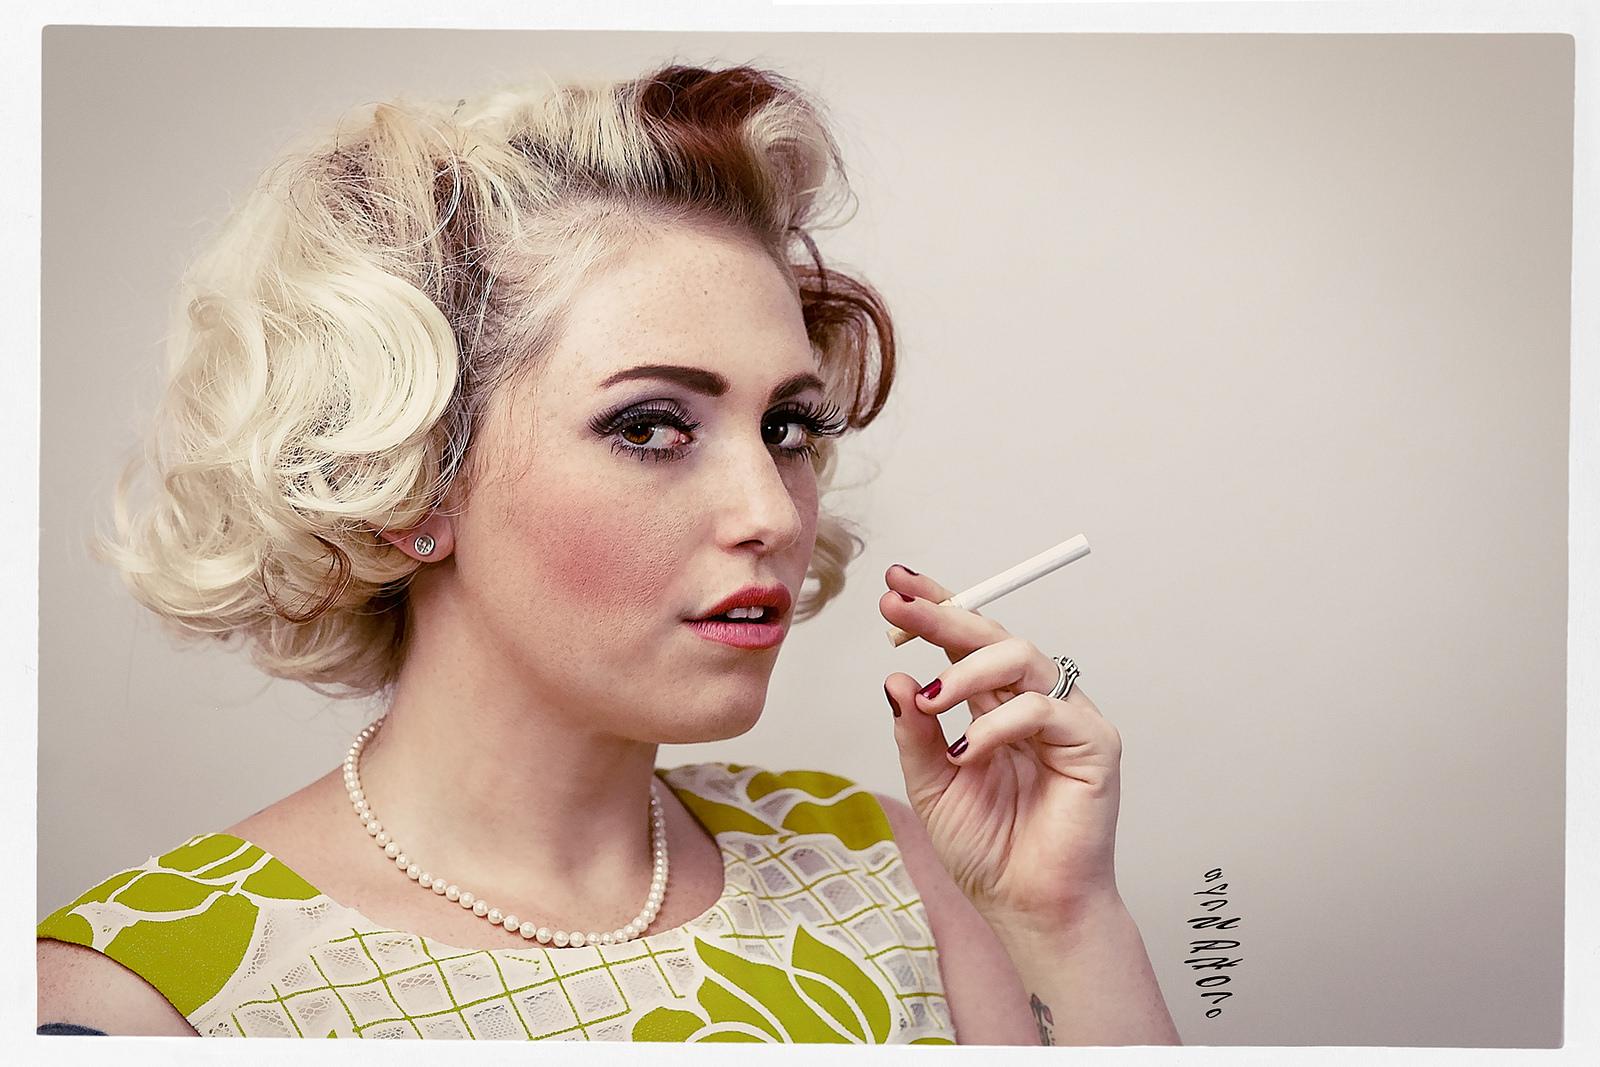 Lucille Highball